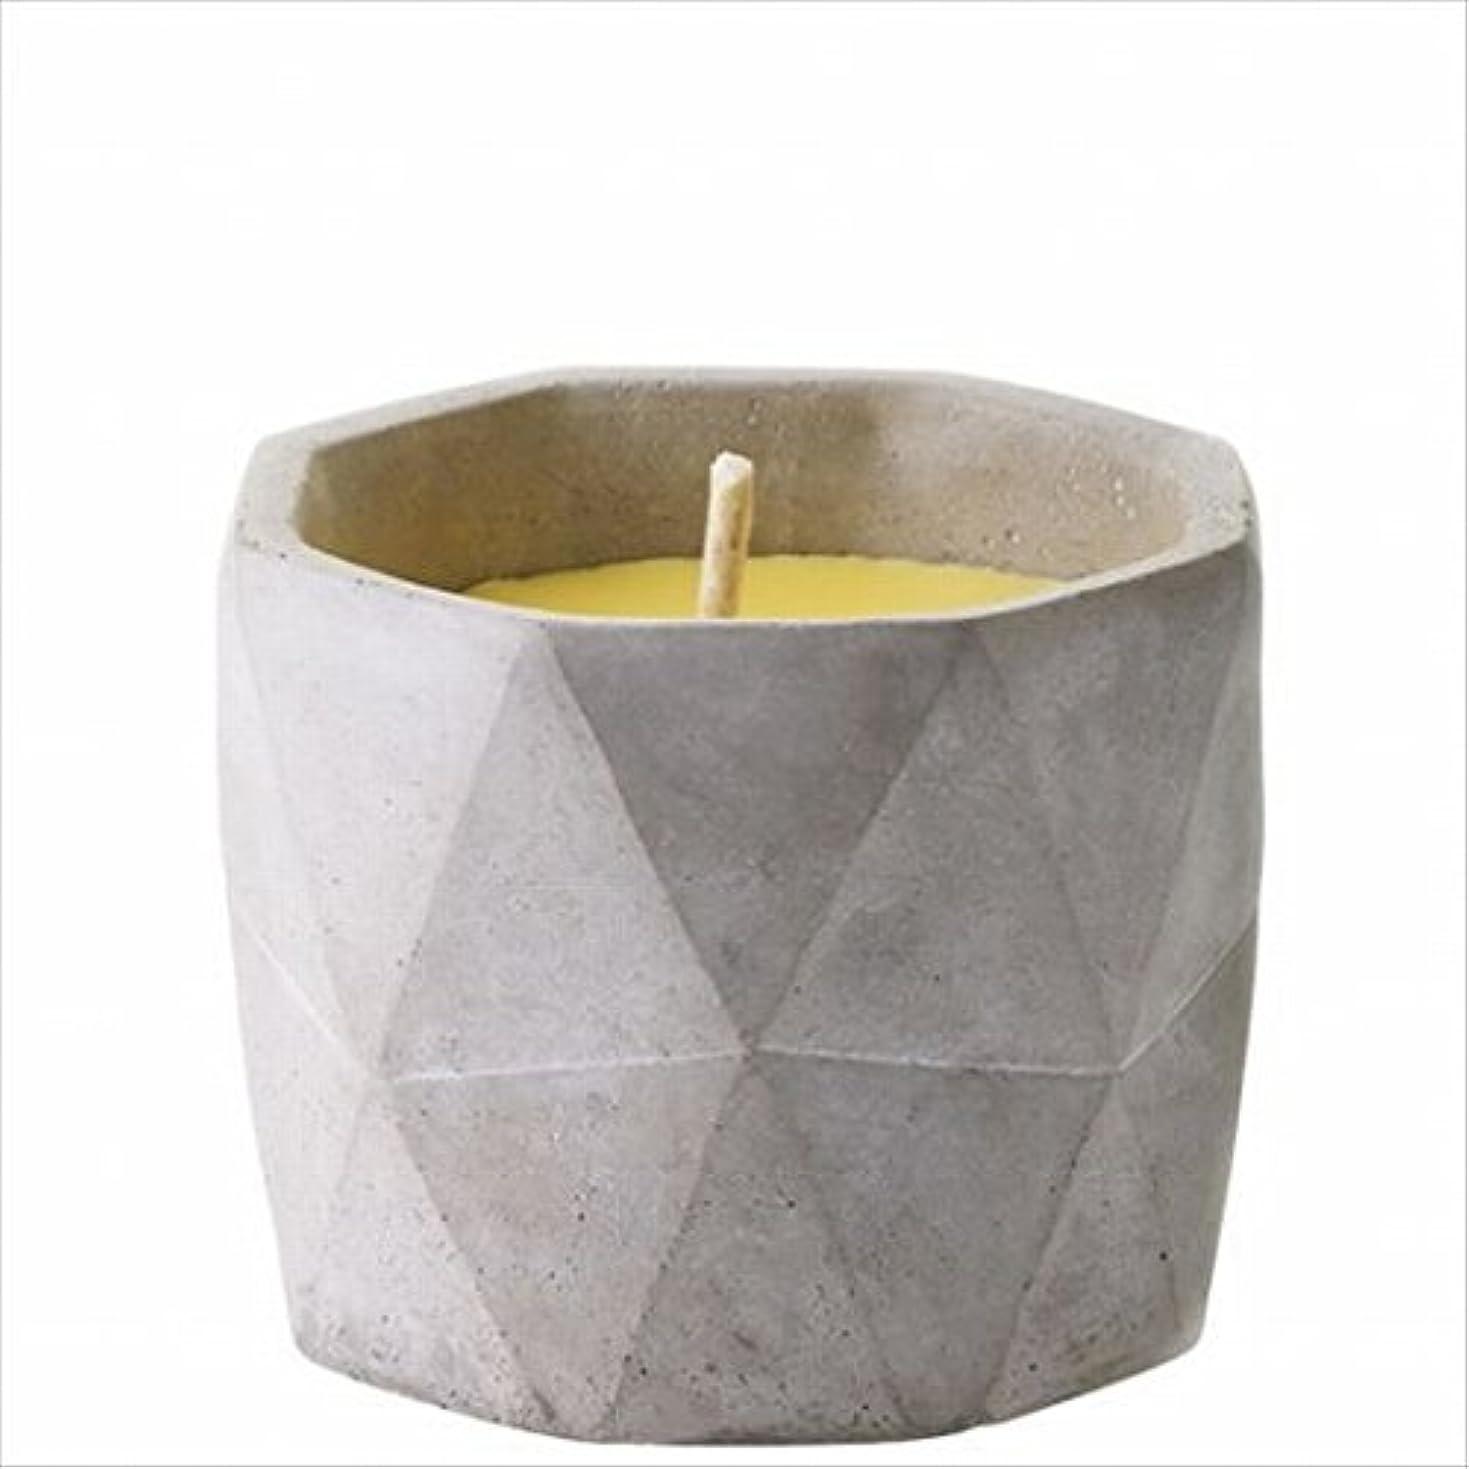 おとこ飢えた傷跡カメヤマキャンドル(kameyama candle) POiNT A LA LiGNE セメントポット シトロネラキャンドルM(屋外用)